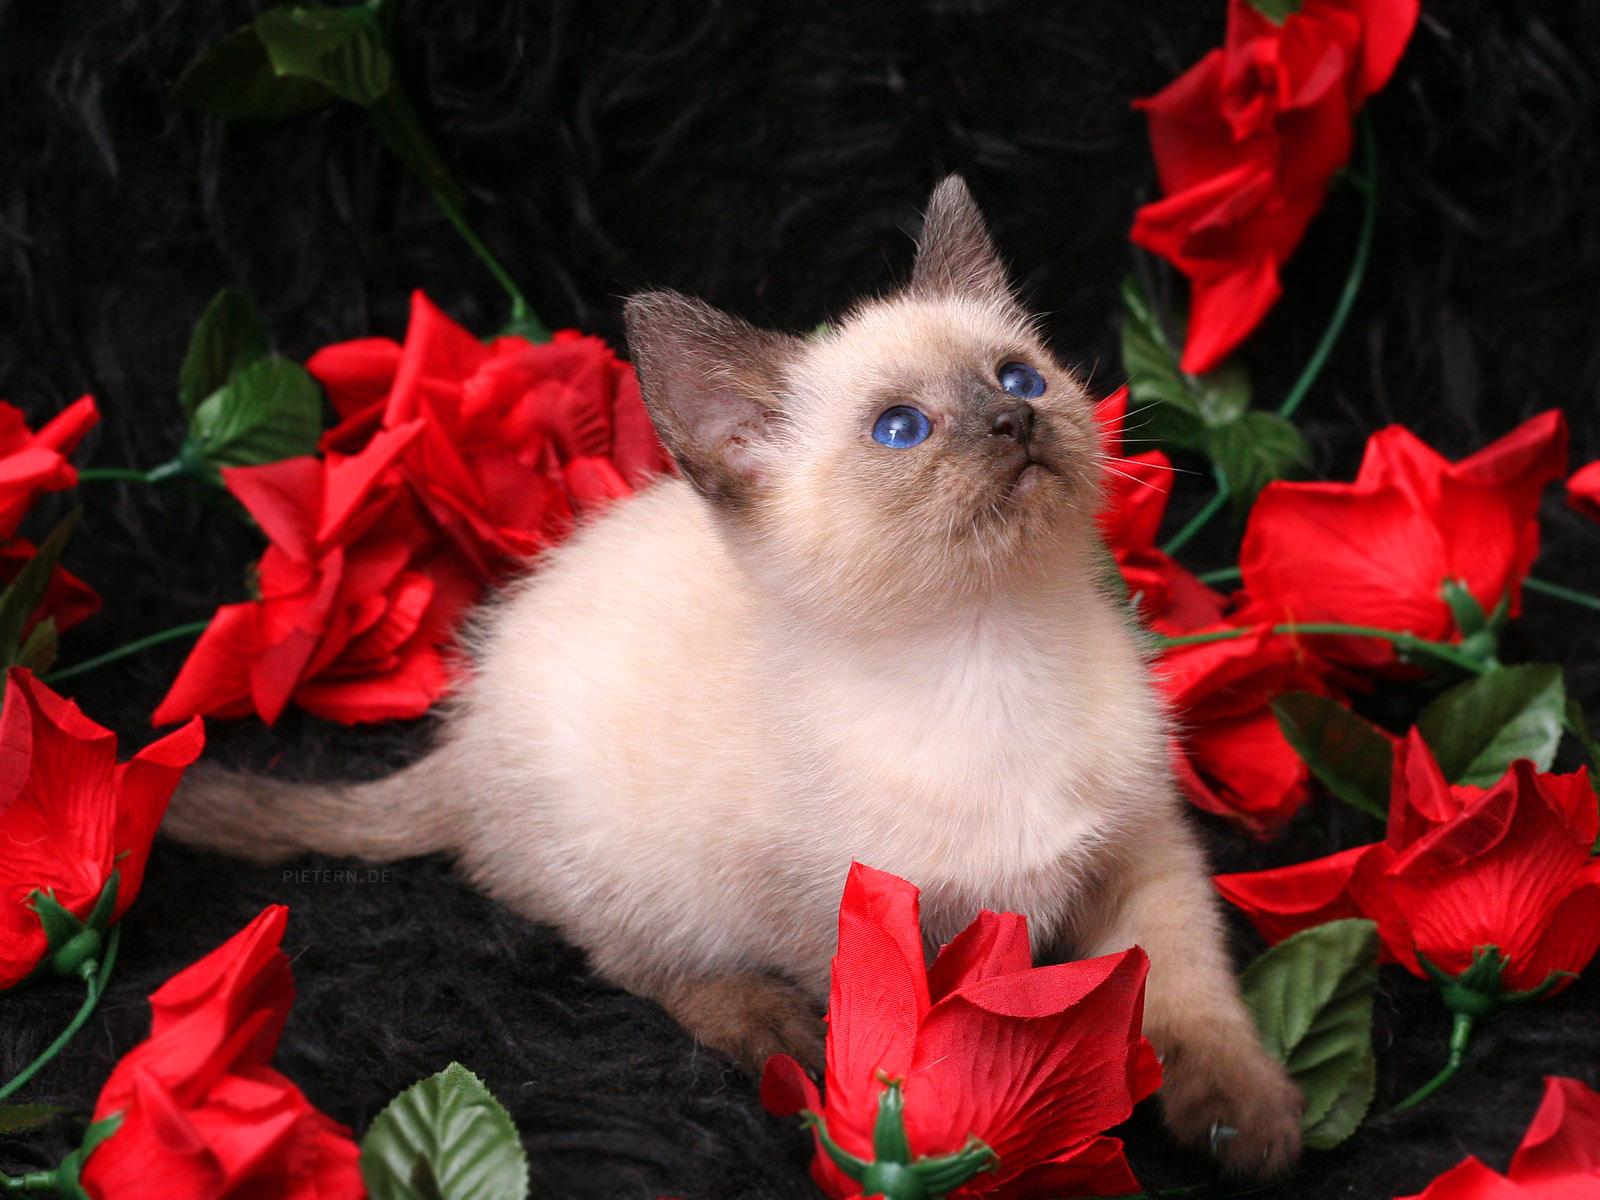 redroseshdwallpaperforwidedesktopbackground  red roses